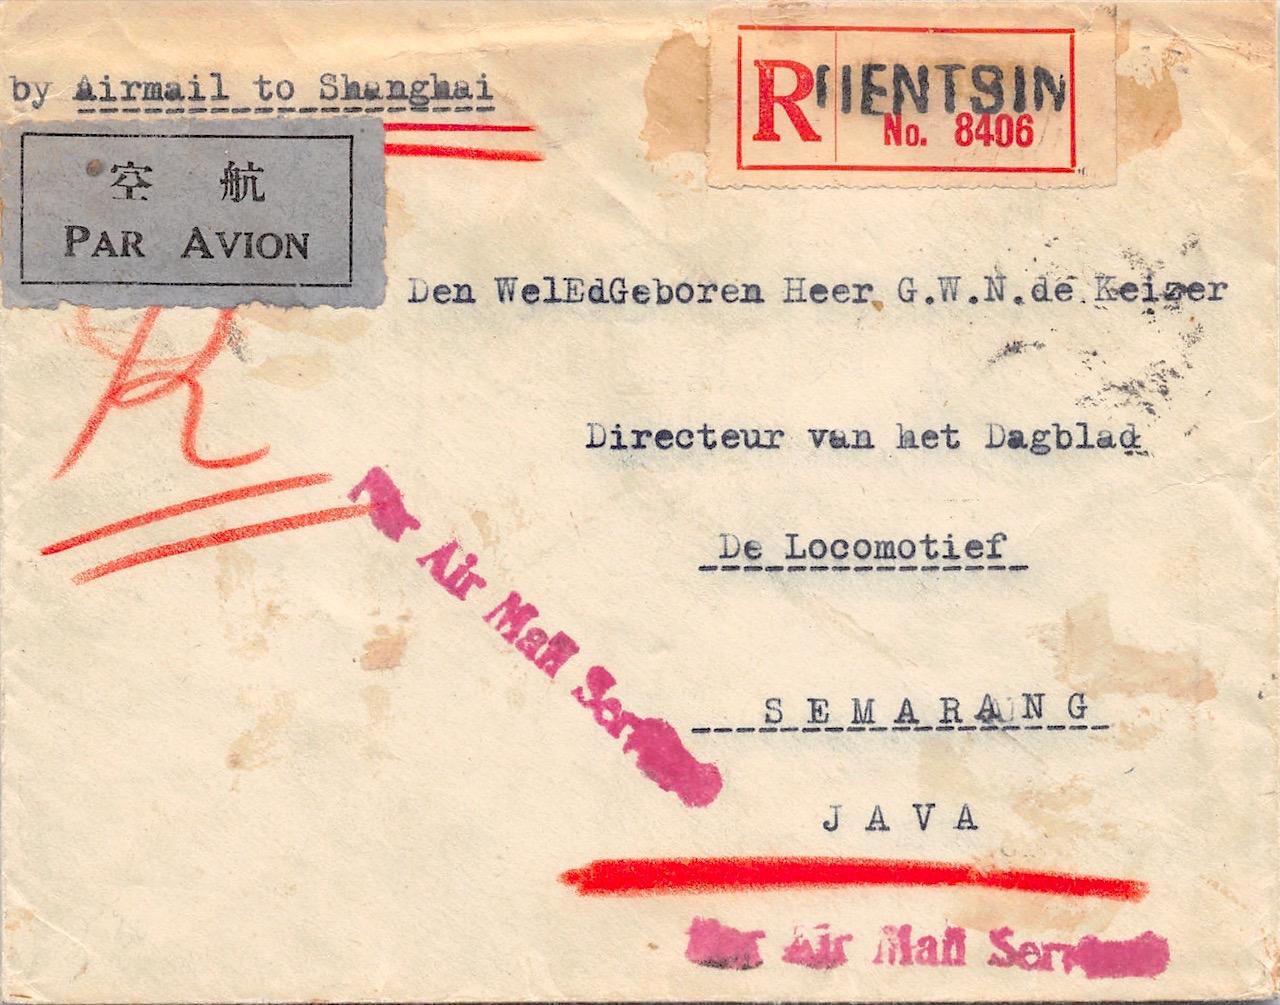 1933, Luftpost-Einschreibbrief mit Massenfrankatur aus Tientsin nach Java